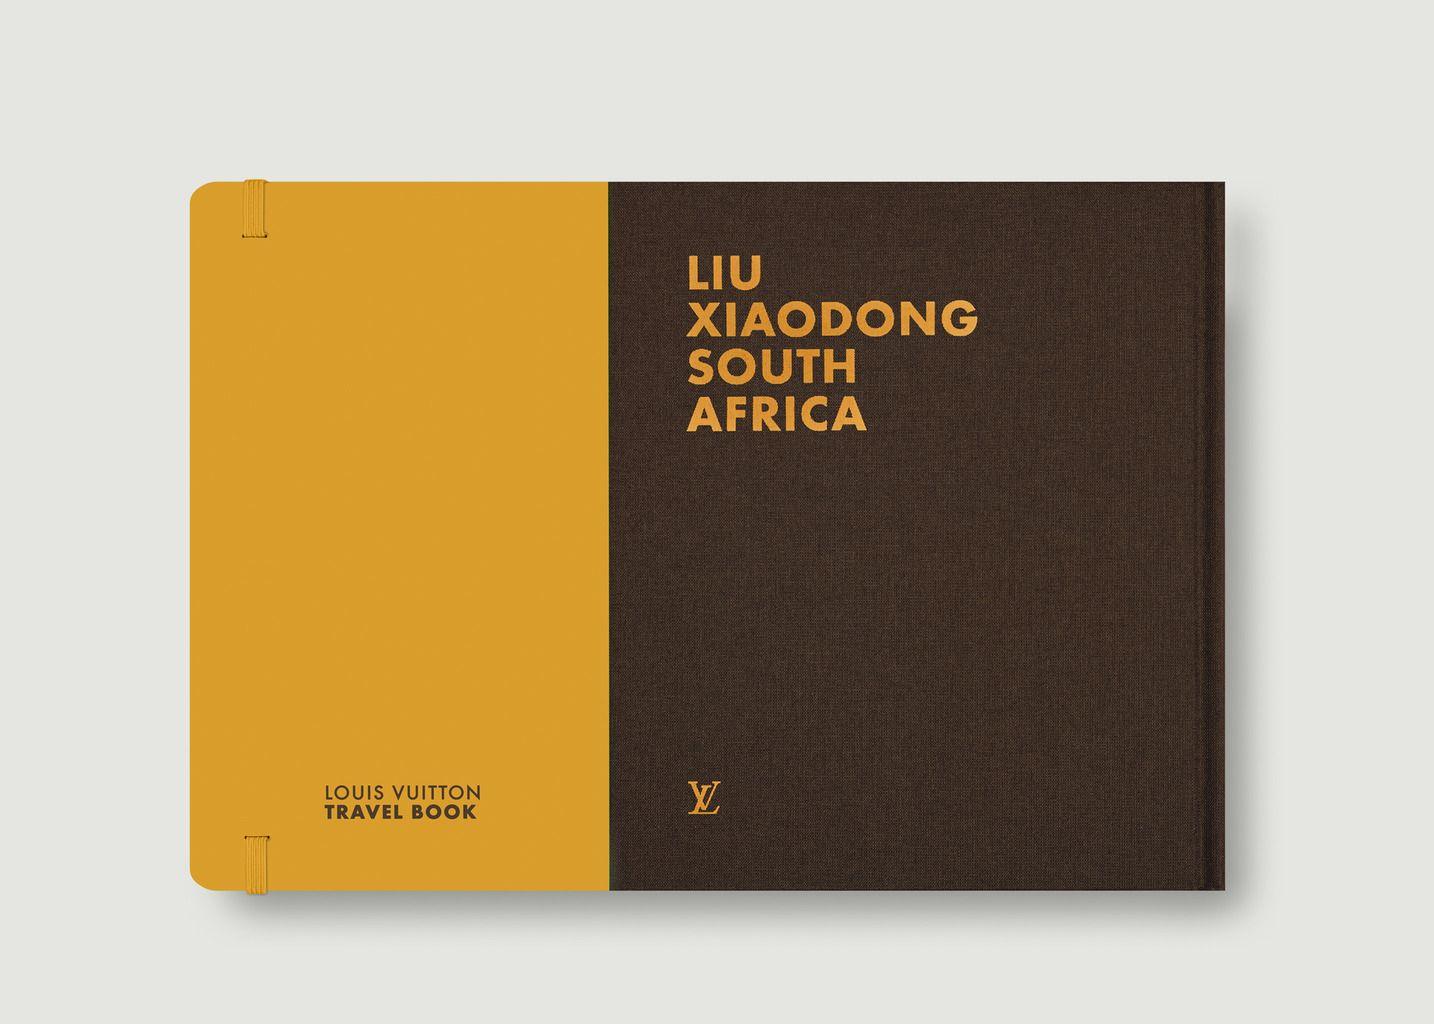 Livre Travel Book Afrique du Sud - Louis Vuitton Travel Book